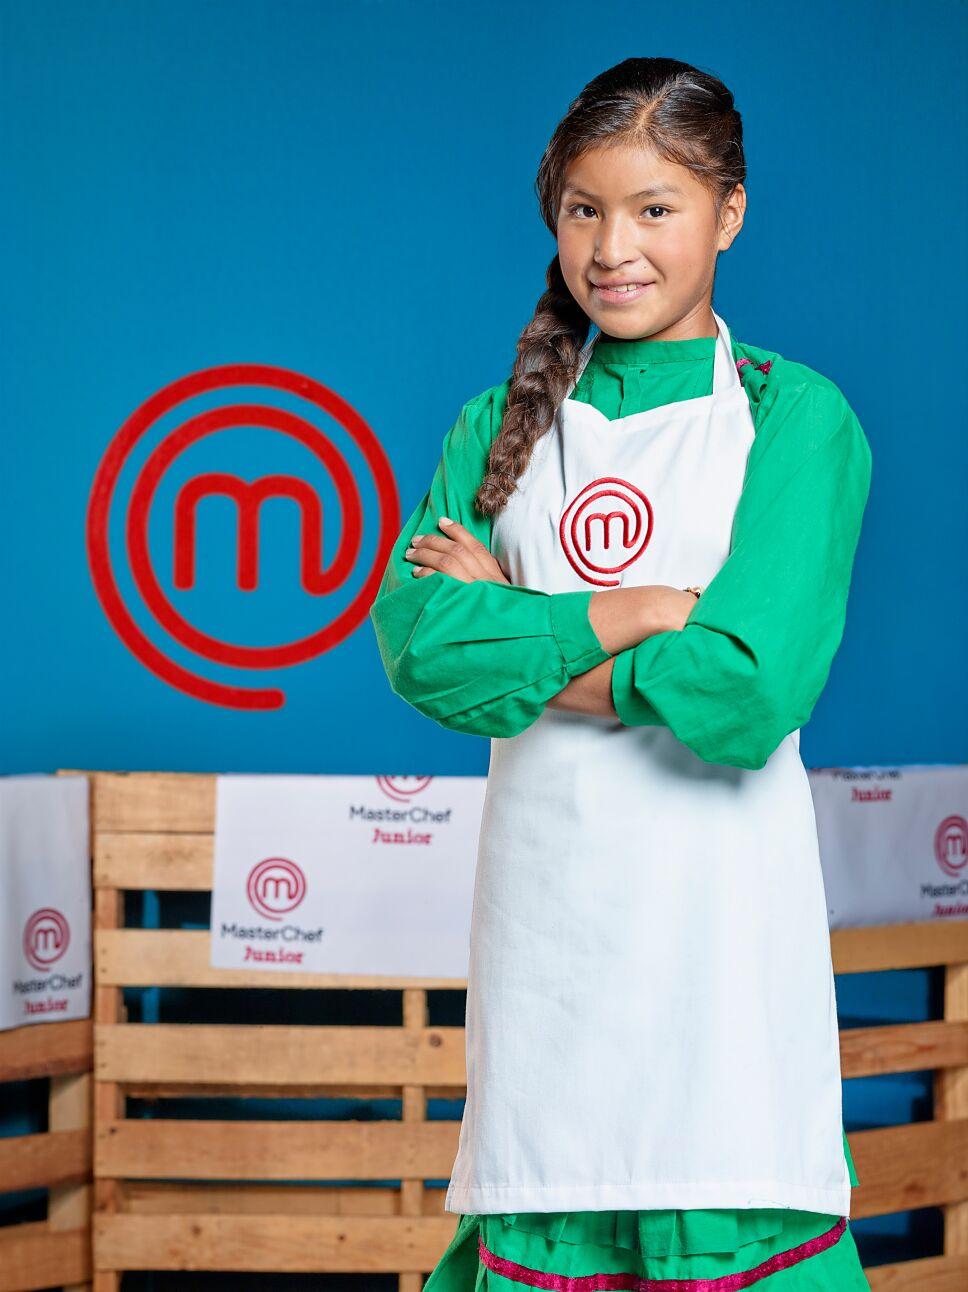 María MasterChef Junior